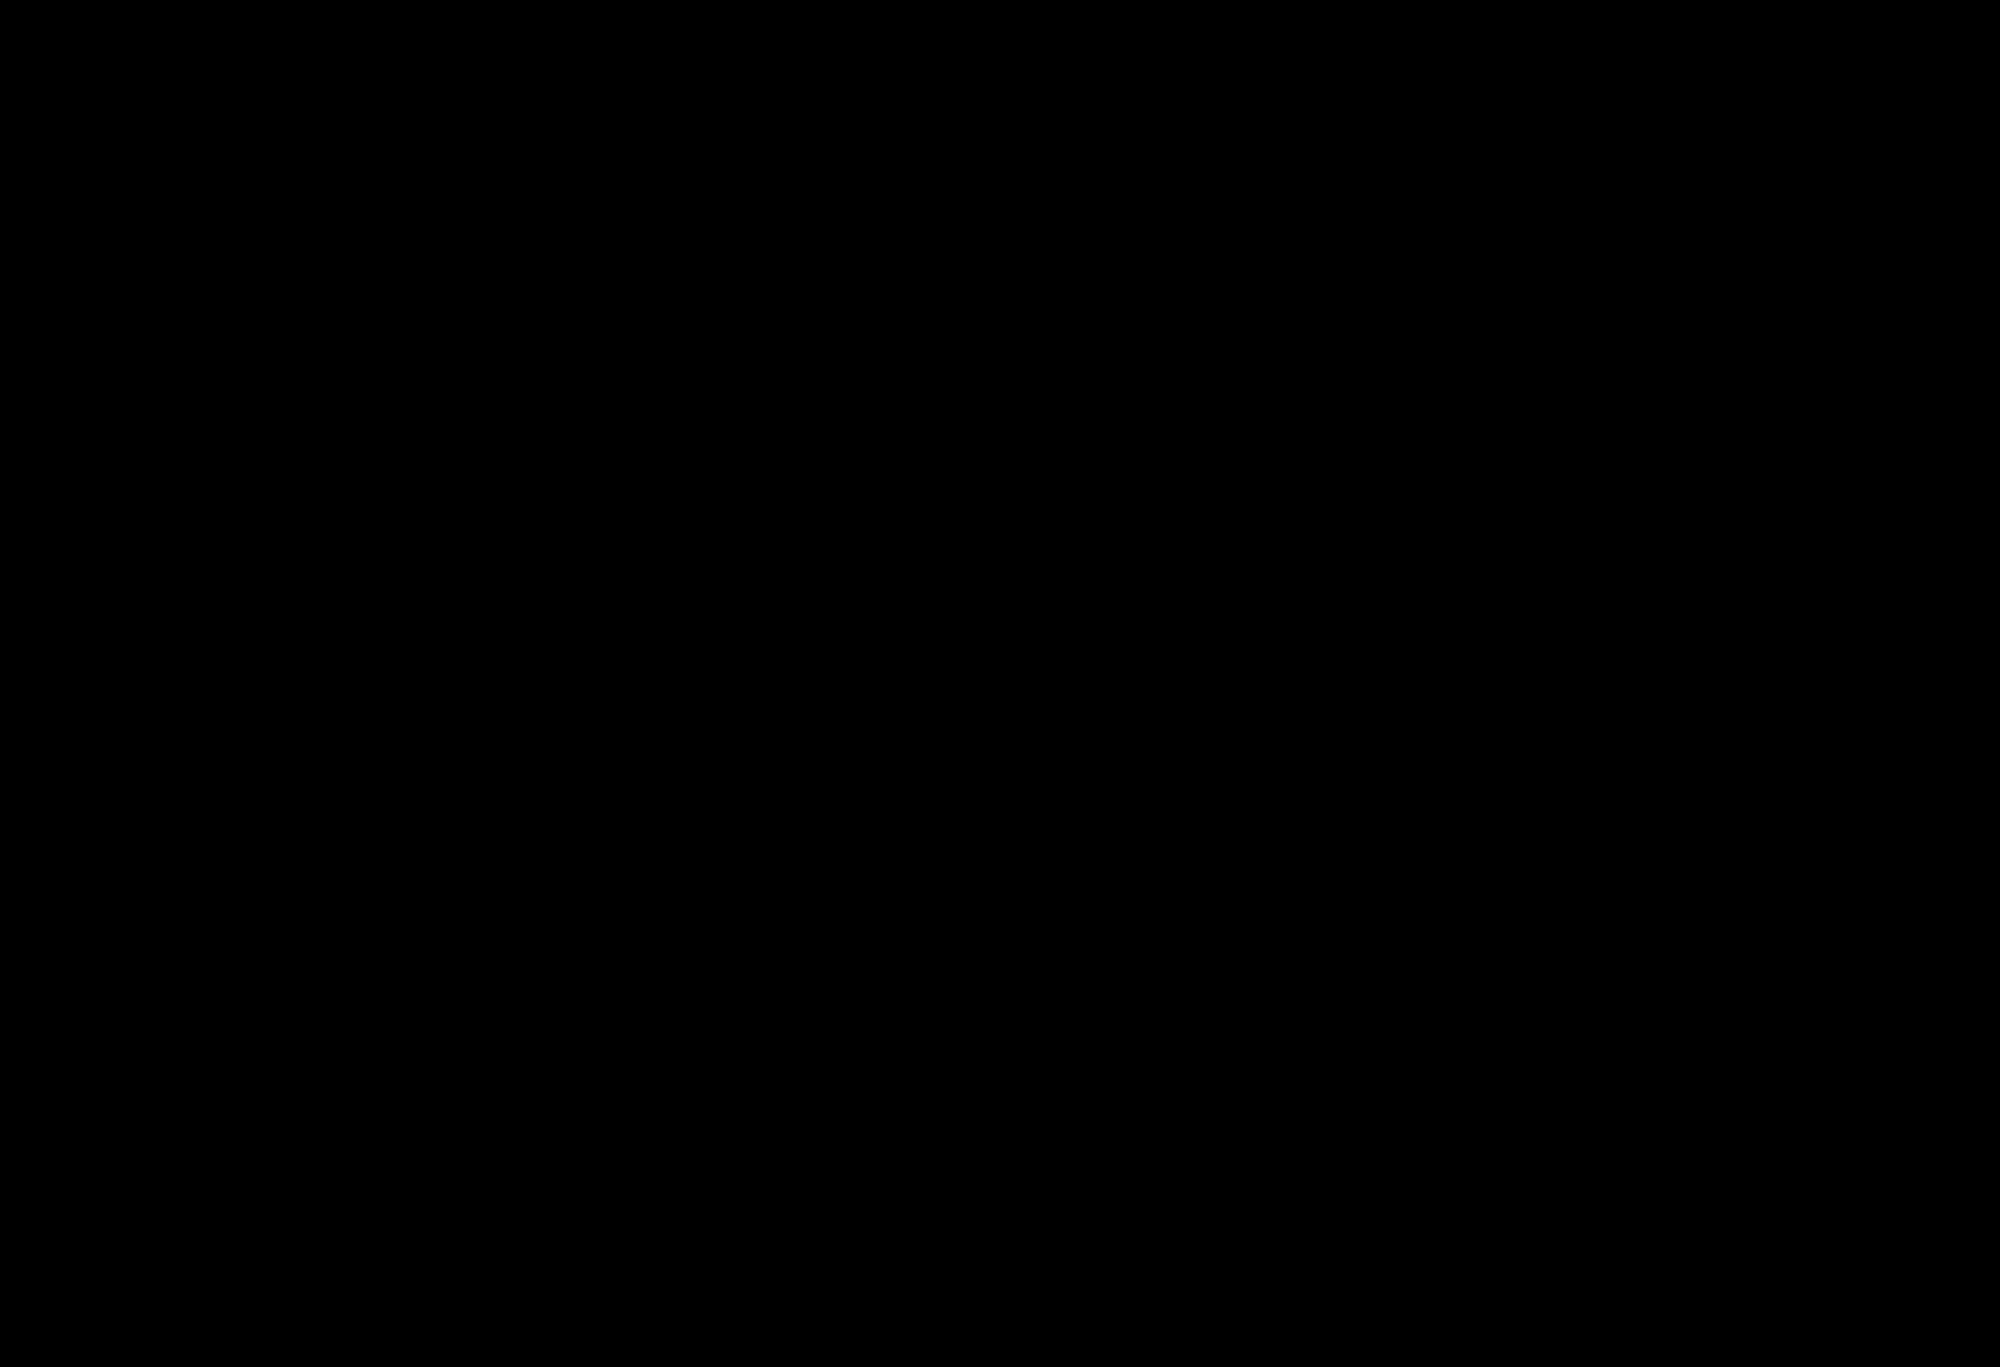 Turdus merula clipart #7